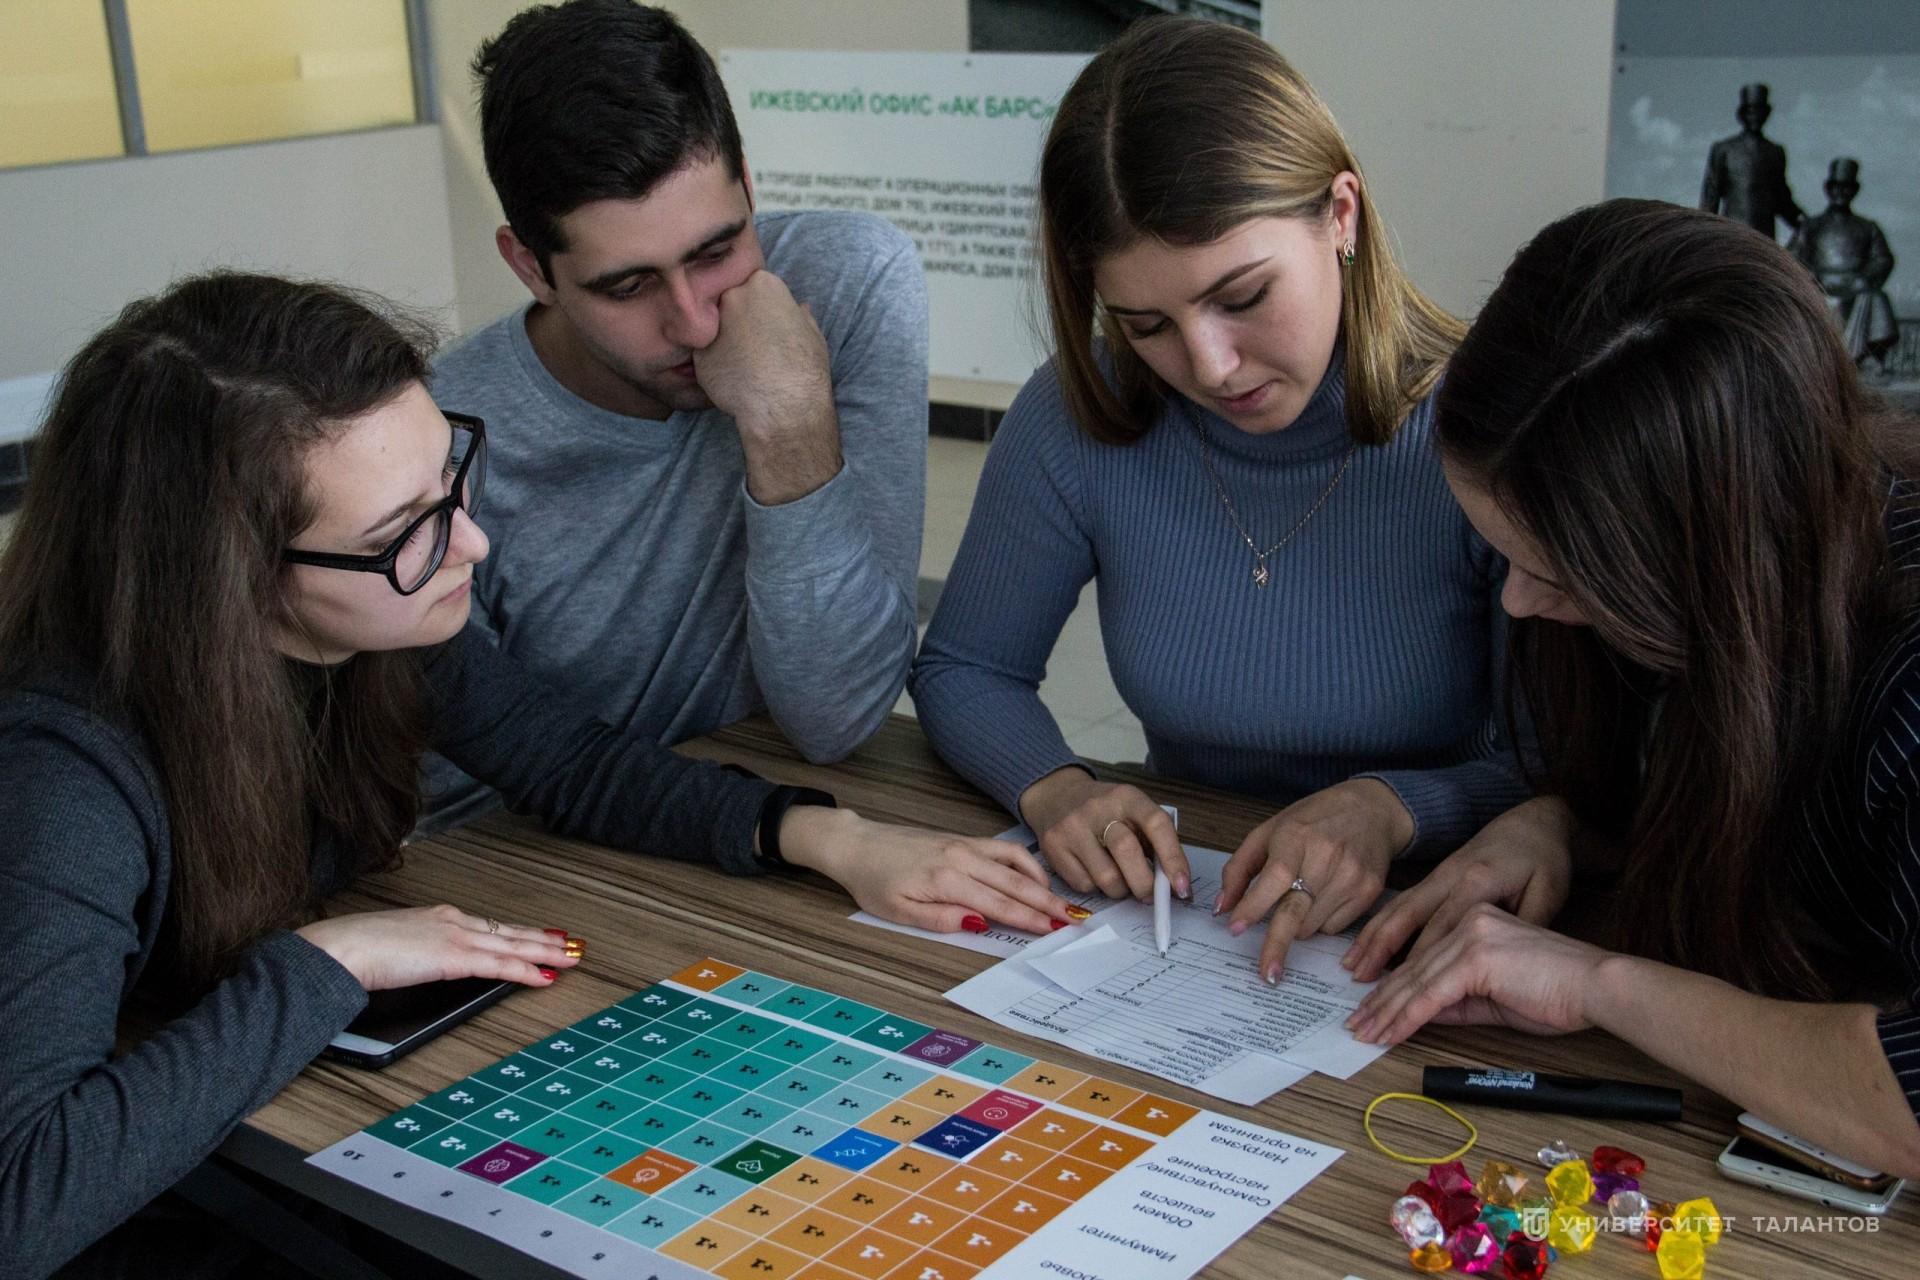 Бизнес-симуляции, квесты и тренинги на развитие лидерства: как помочь молодым людям в карьерном развитии